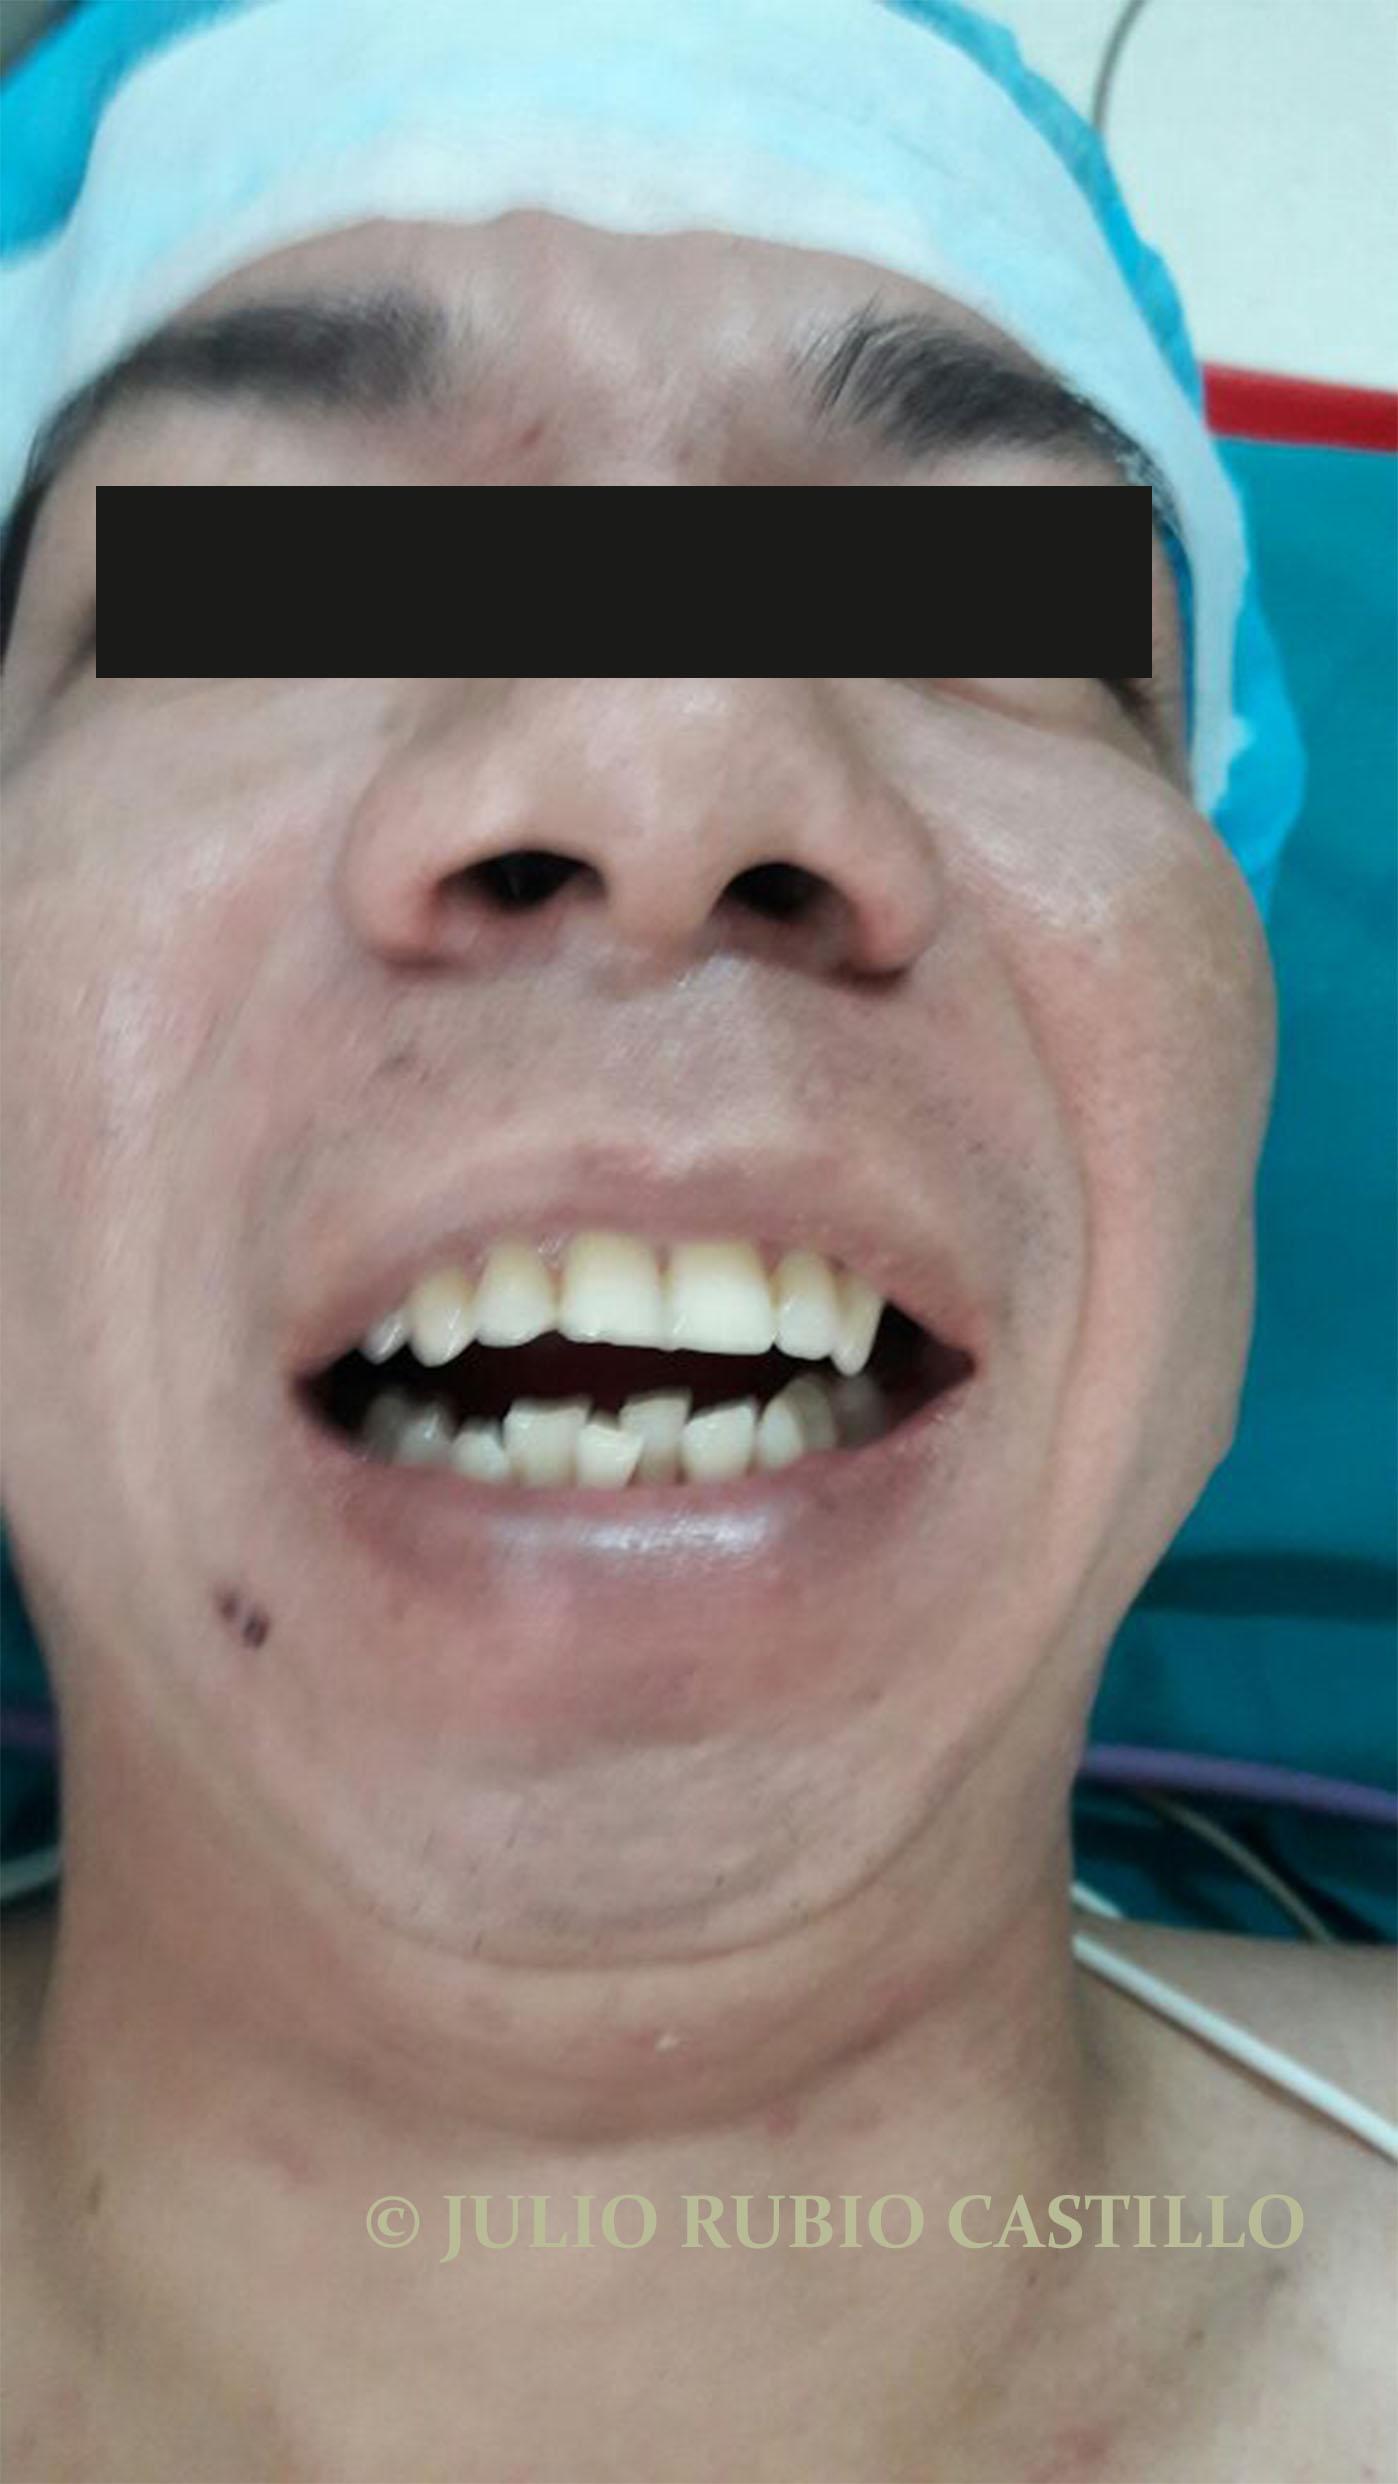 1 Limitacion de apertura bucal